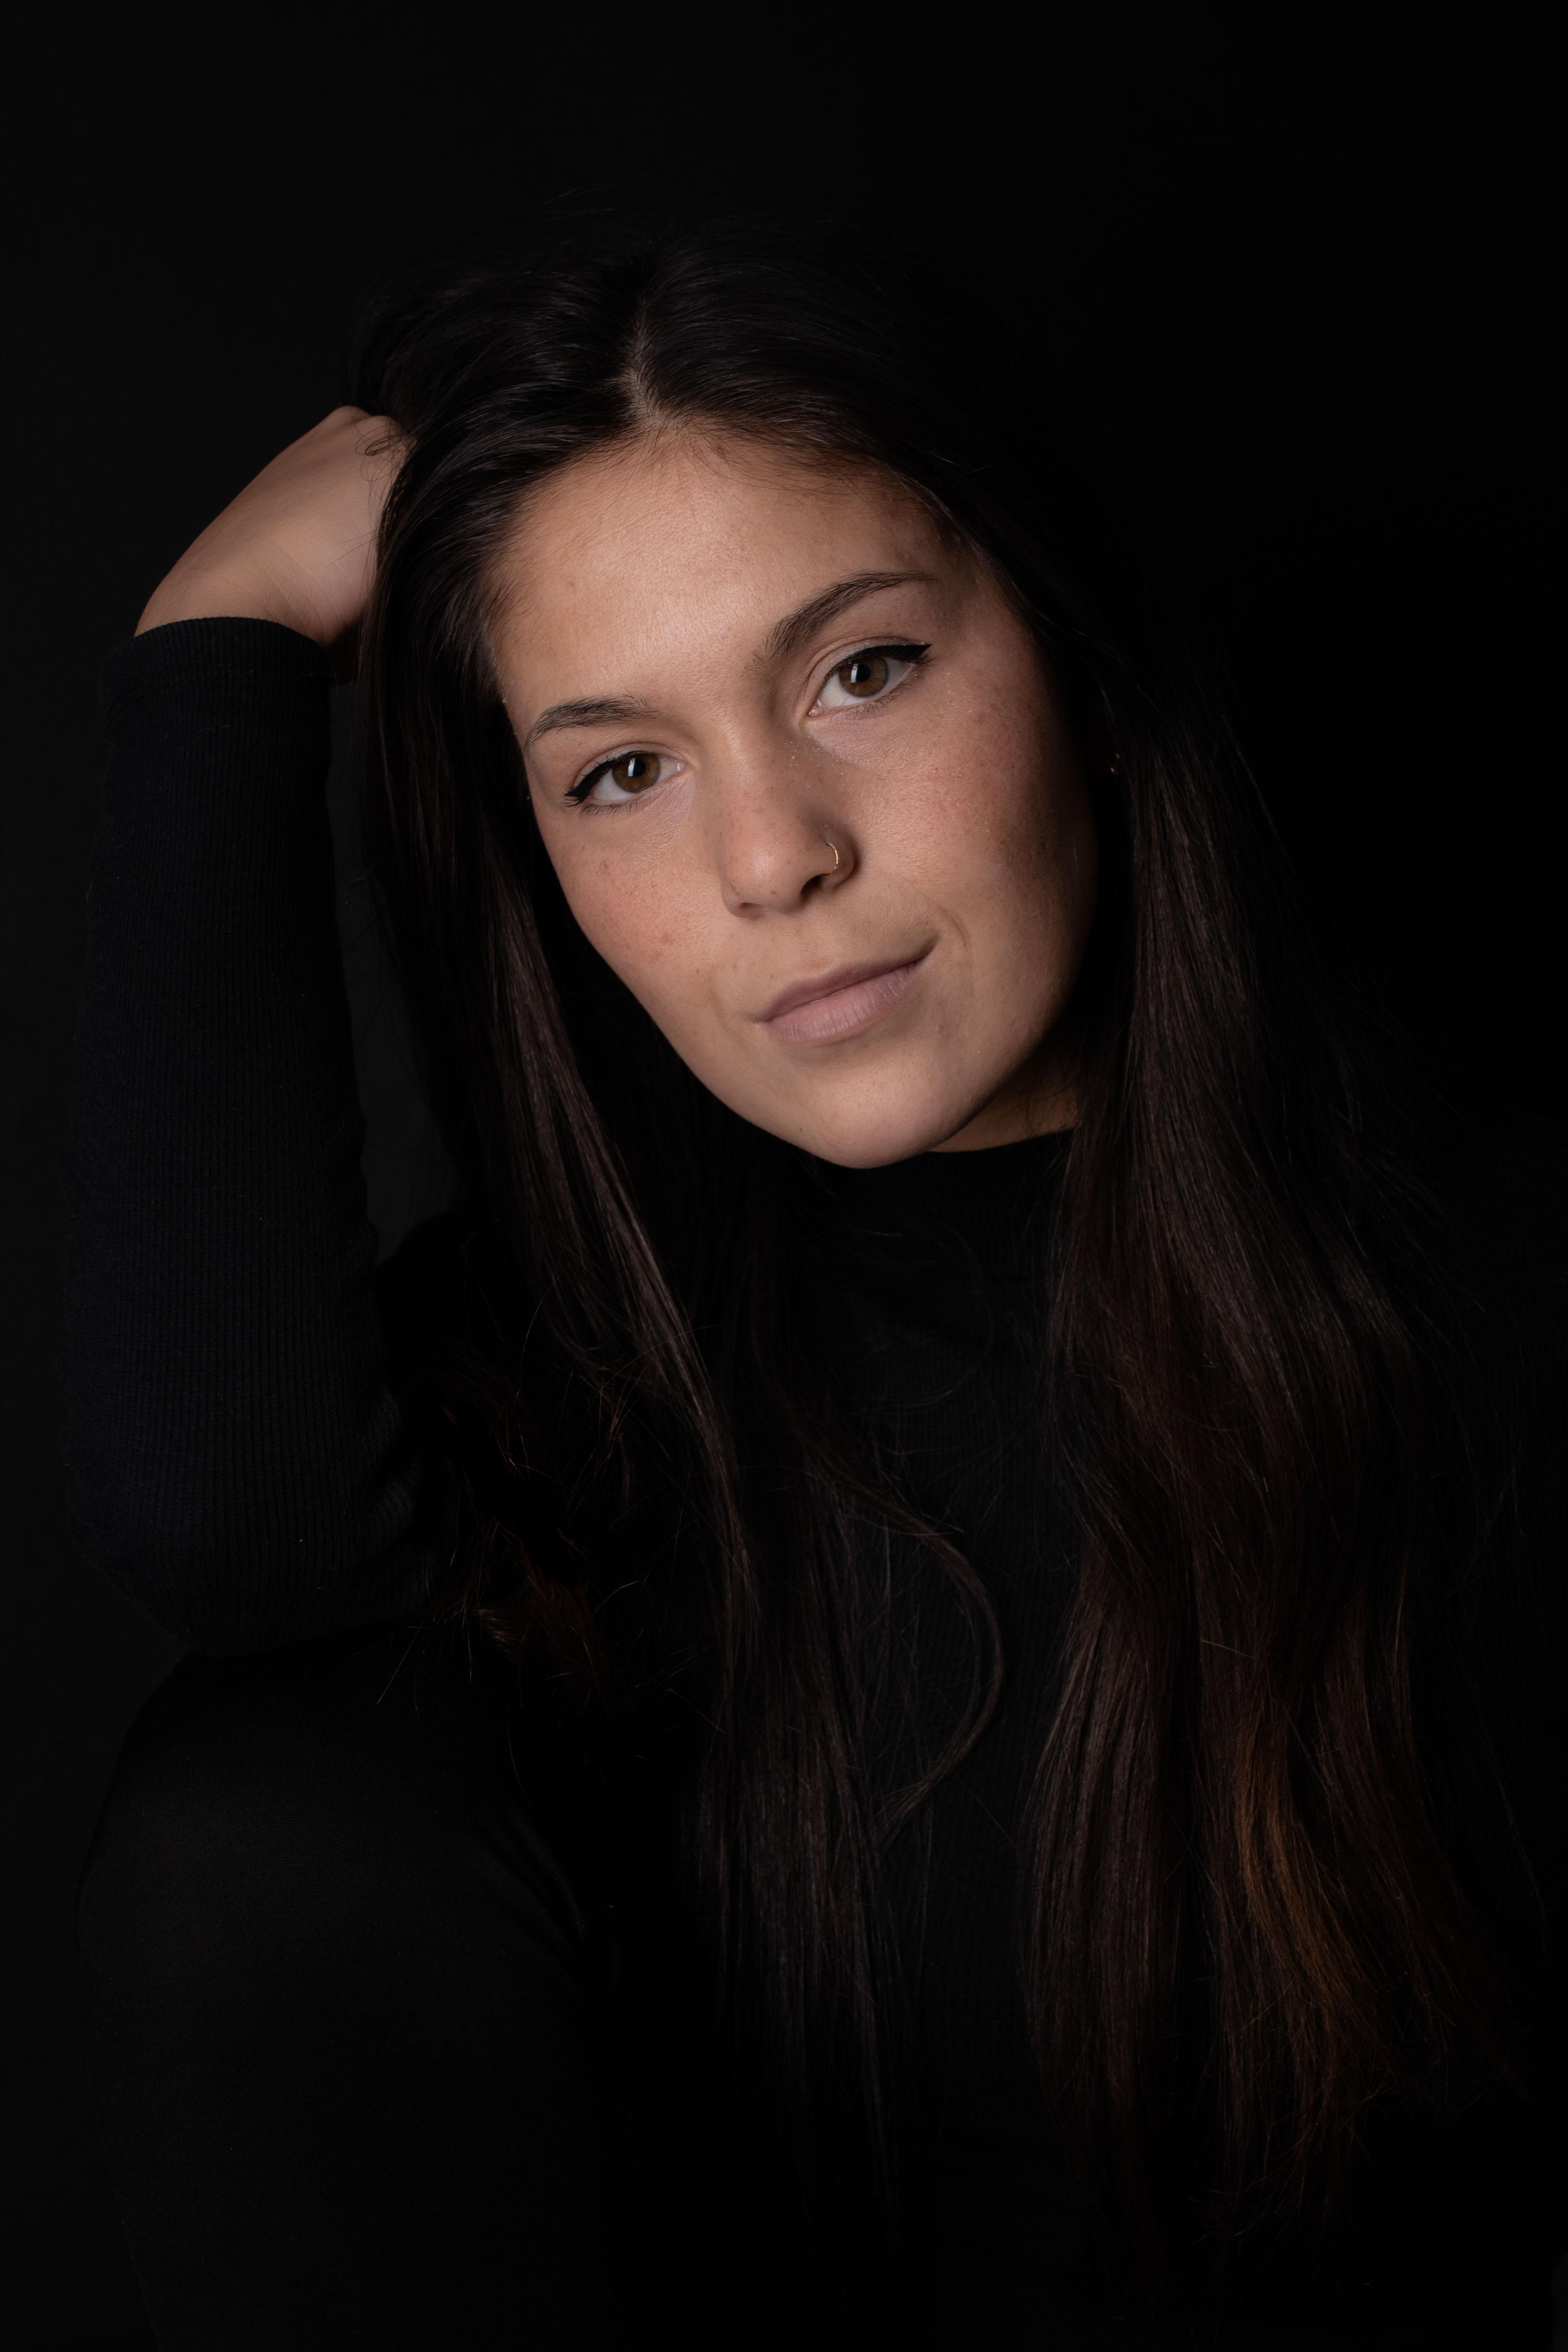 LWP | Portretfotografie | Studio Assen | Zwarte Achtergrond -65